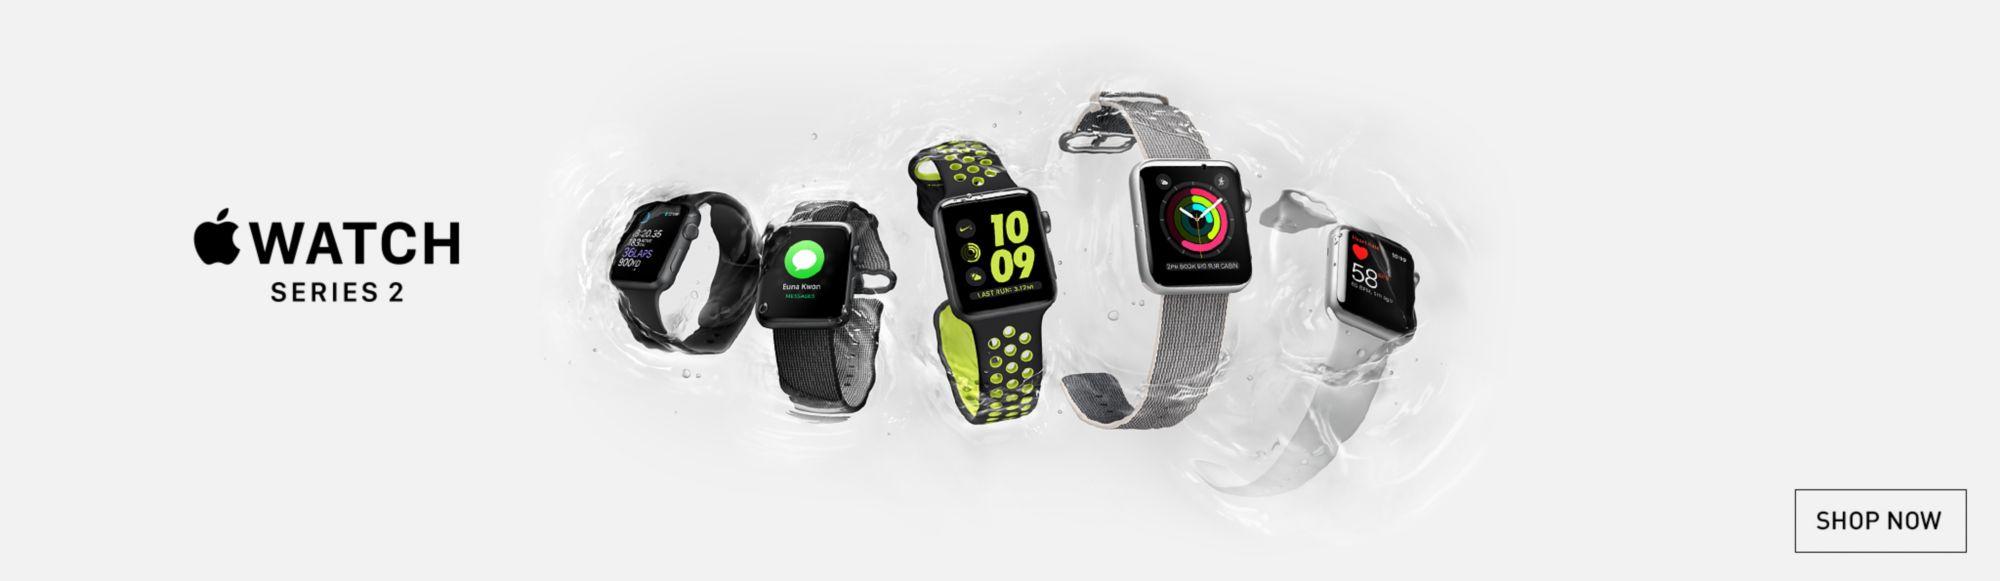 Shop Apple Watch